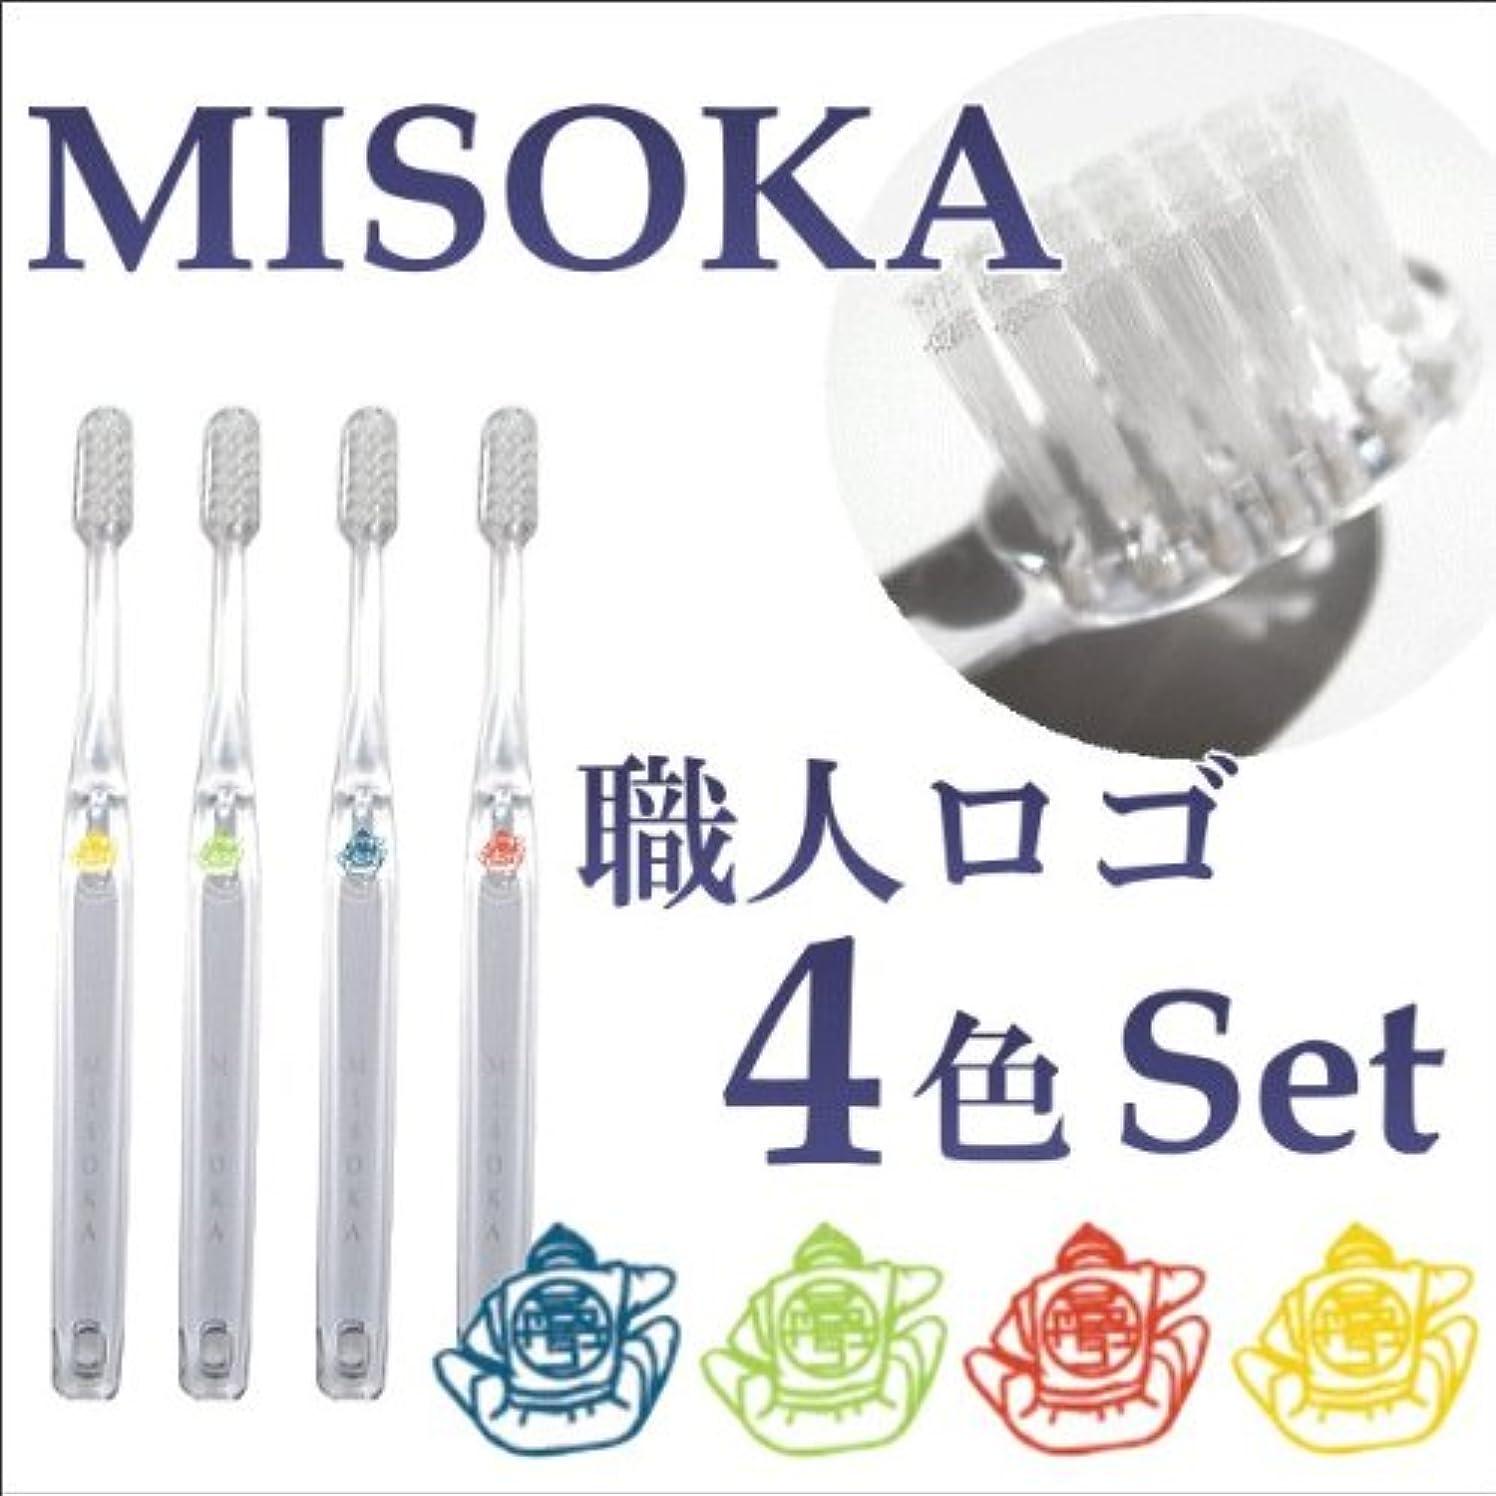 フリッパーあさりあなたのもの「MISOKA」職人技の歯ブラシ ミソカ 職人ロゴ4色セット×2セット